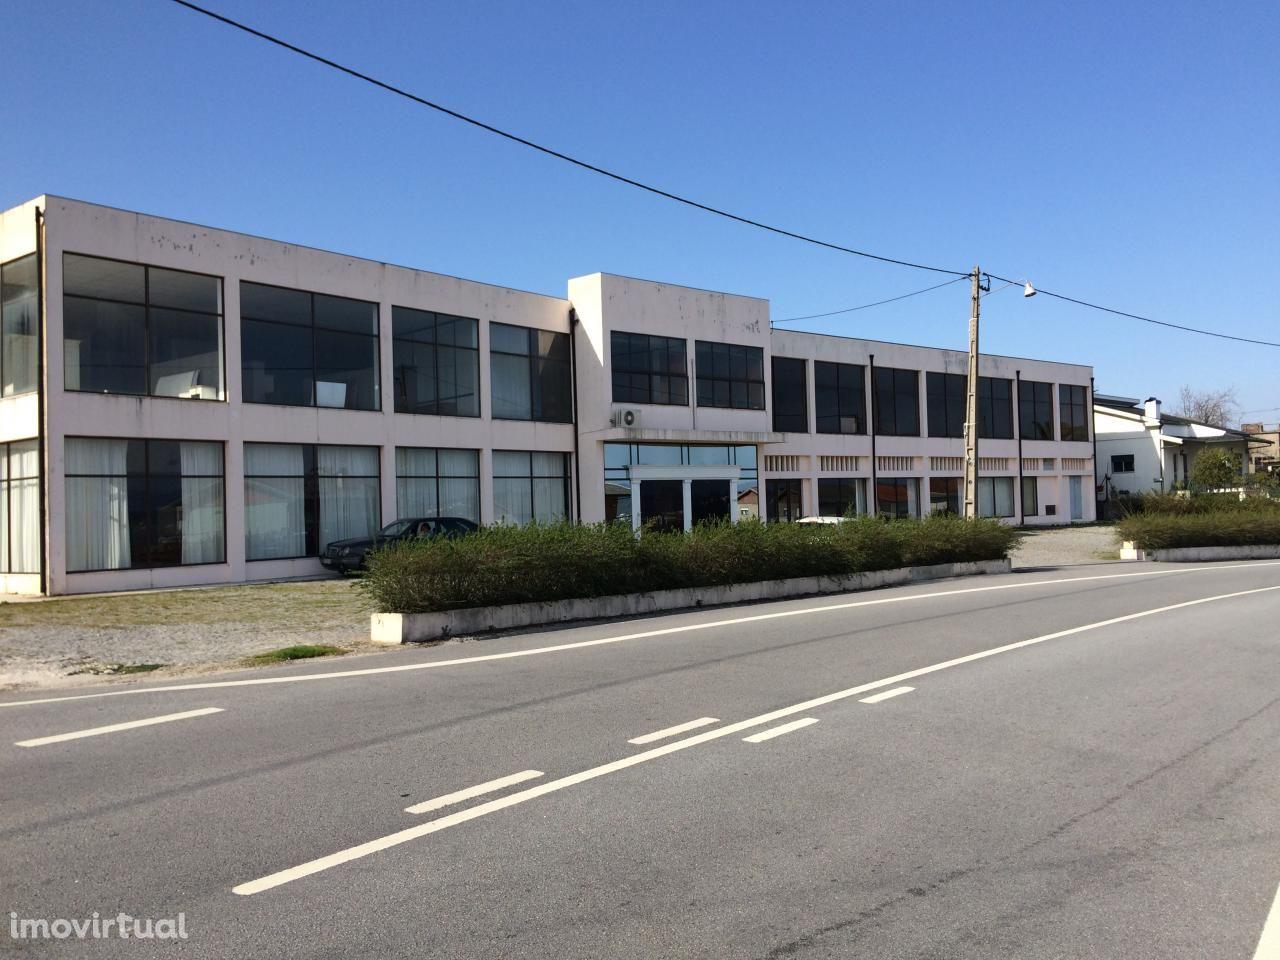 Edifício para atividade comercial / industrial, EN15